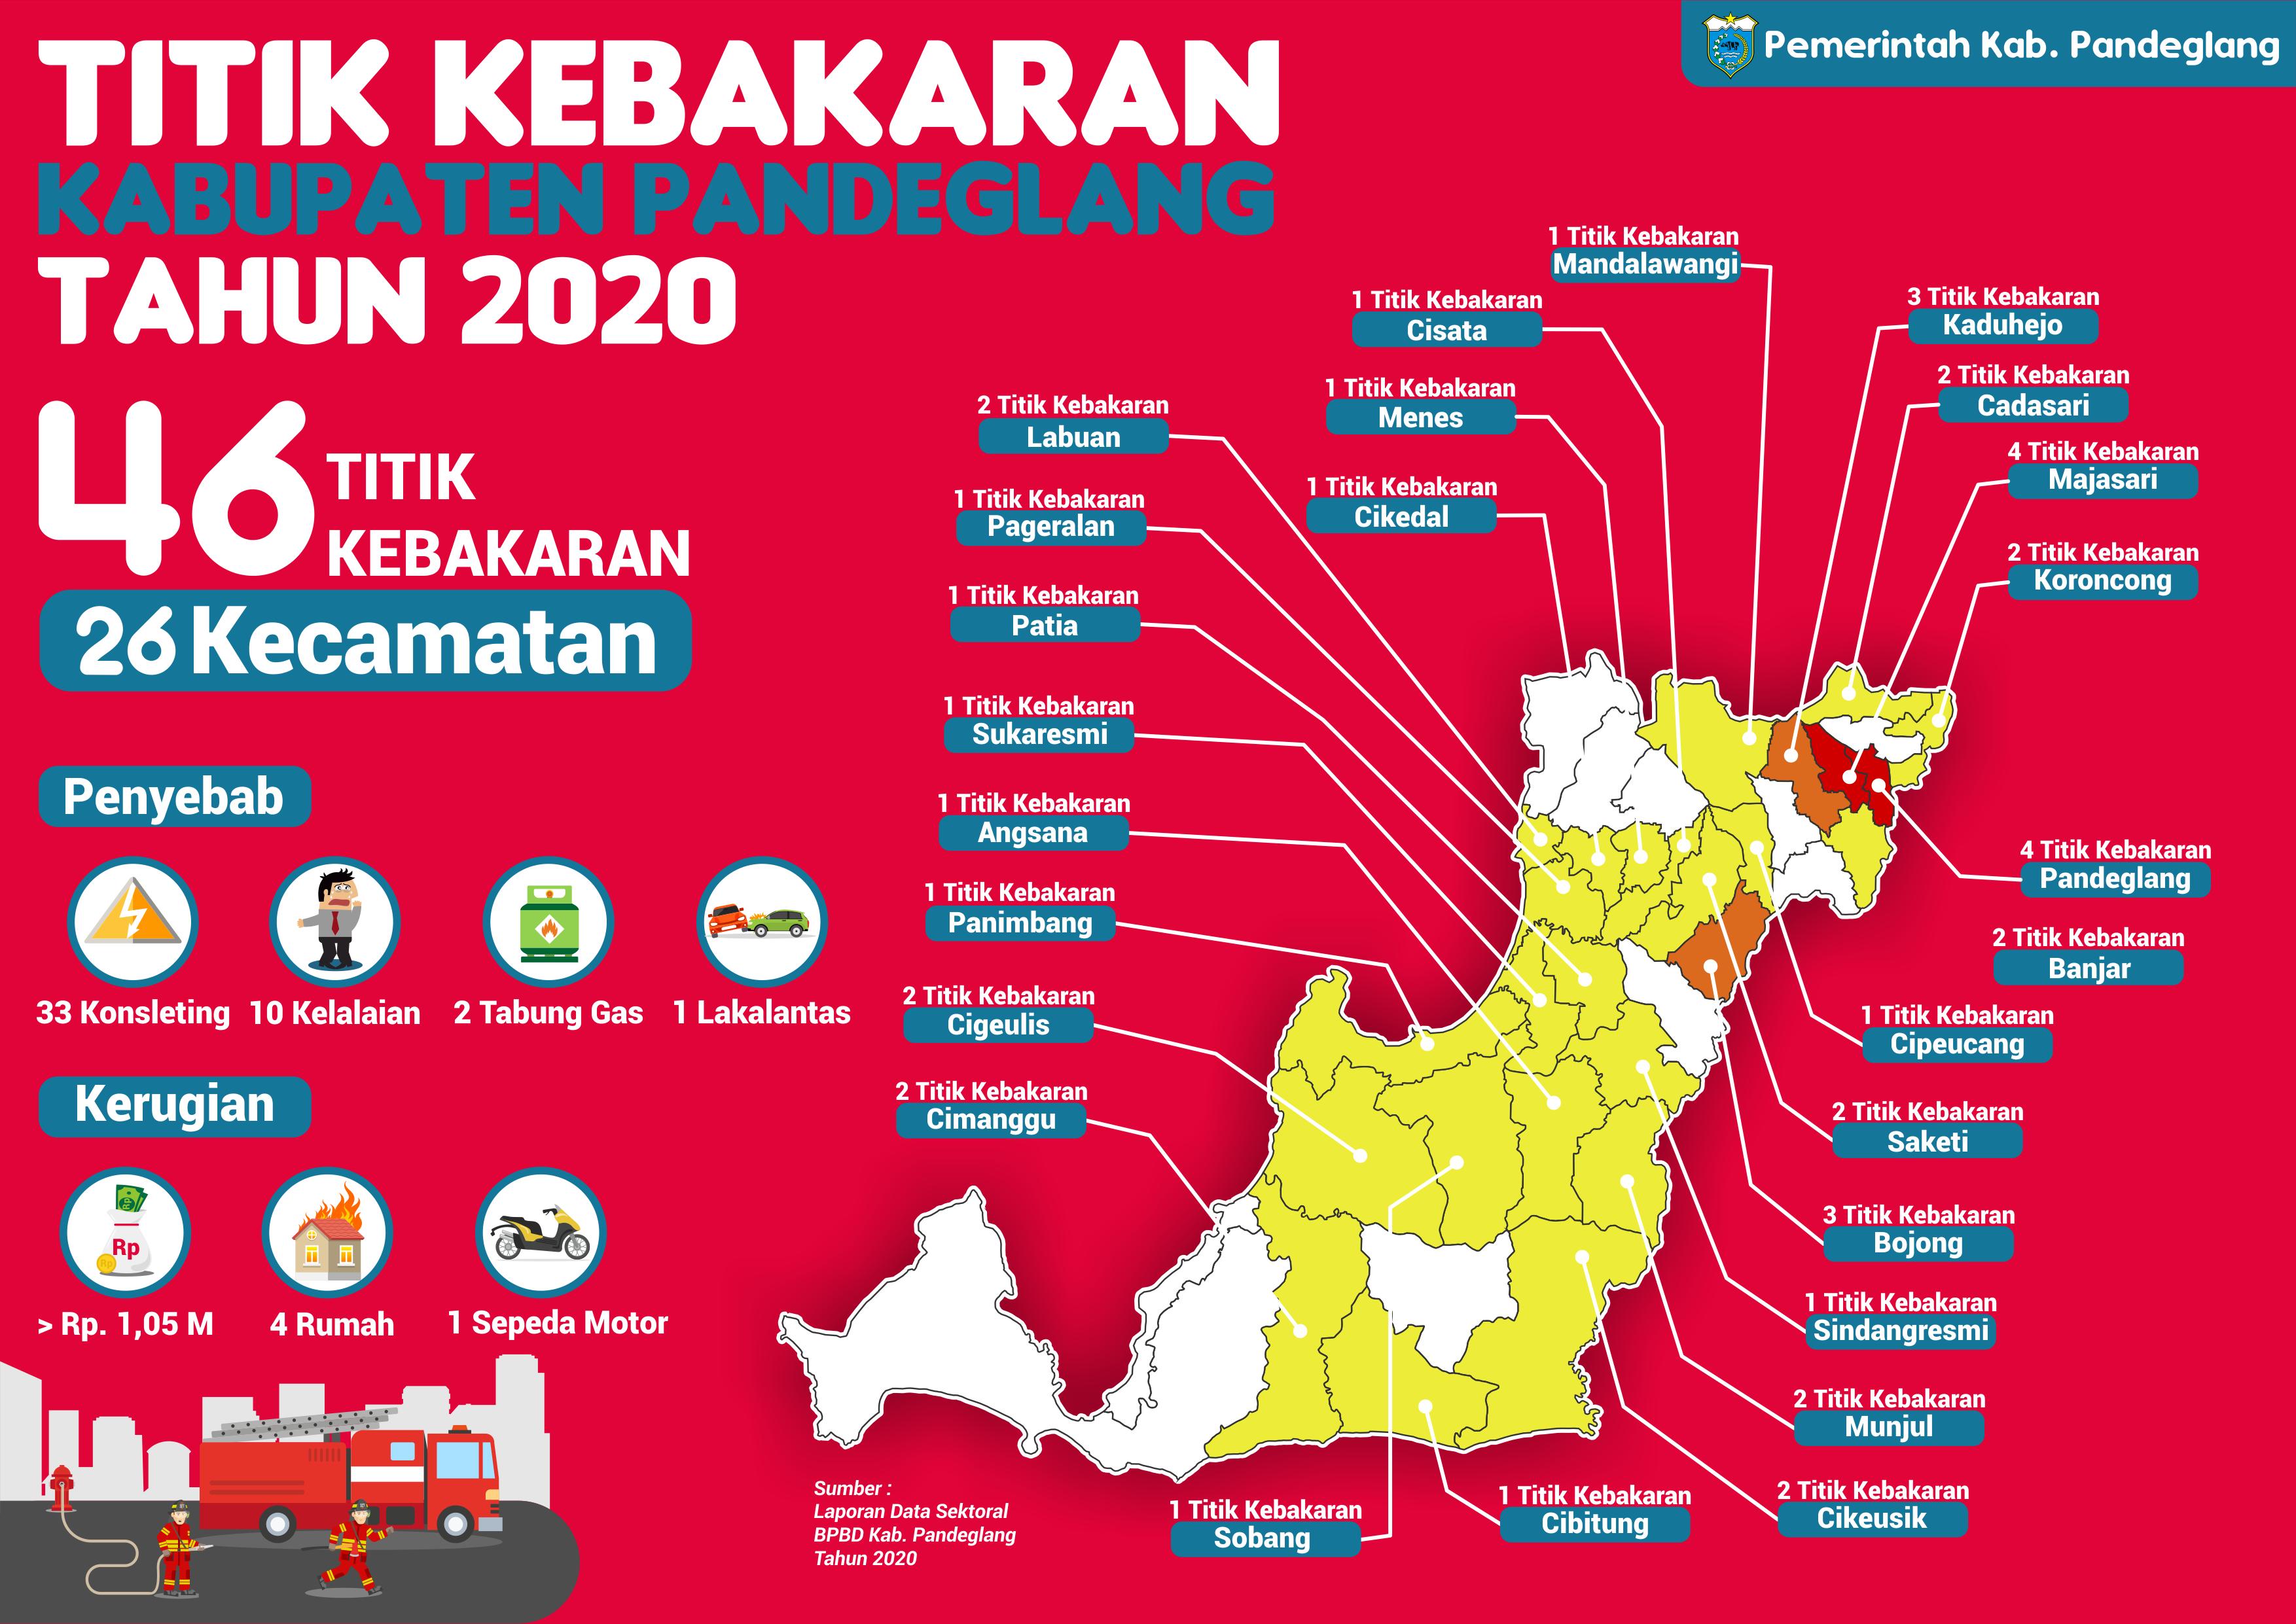 Titik Kejadian Kebakaran di Kabupaten Pandeglang Tahun 2020